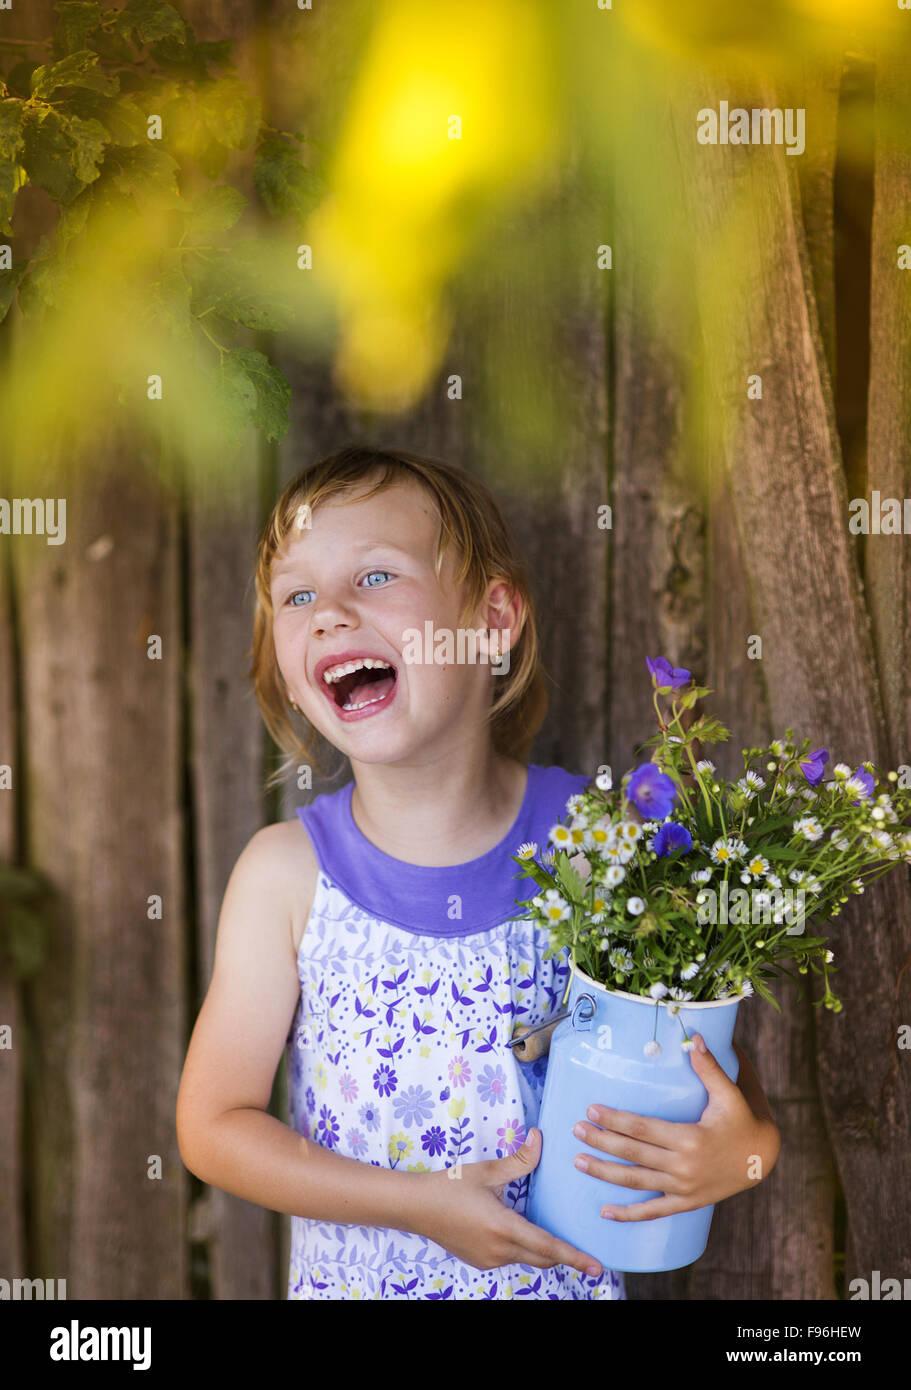 Bimba bionda azienda fiori di prato ridere da recinzione di legno Immagini Stock